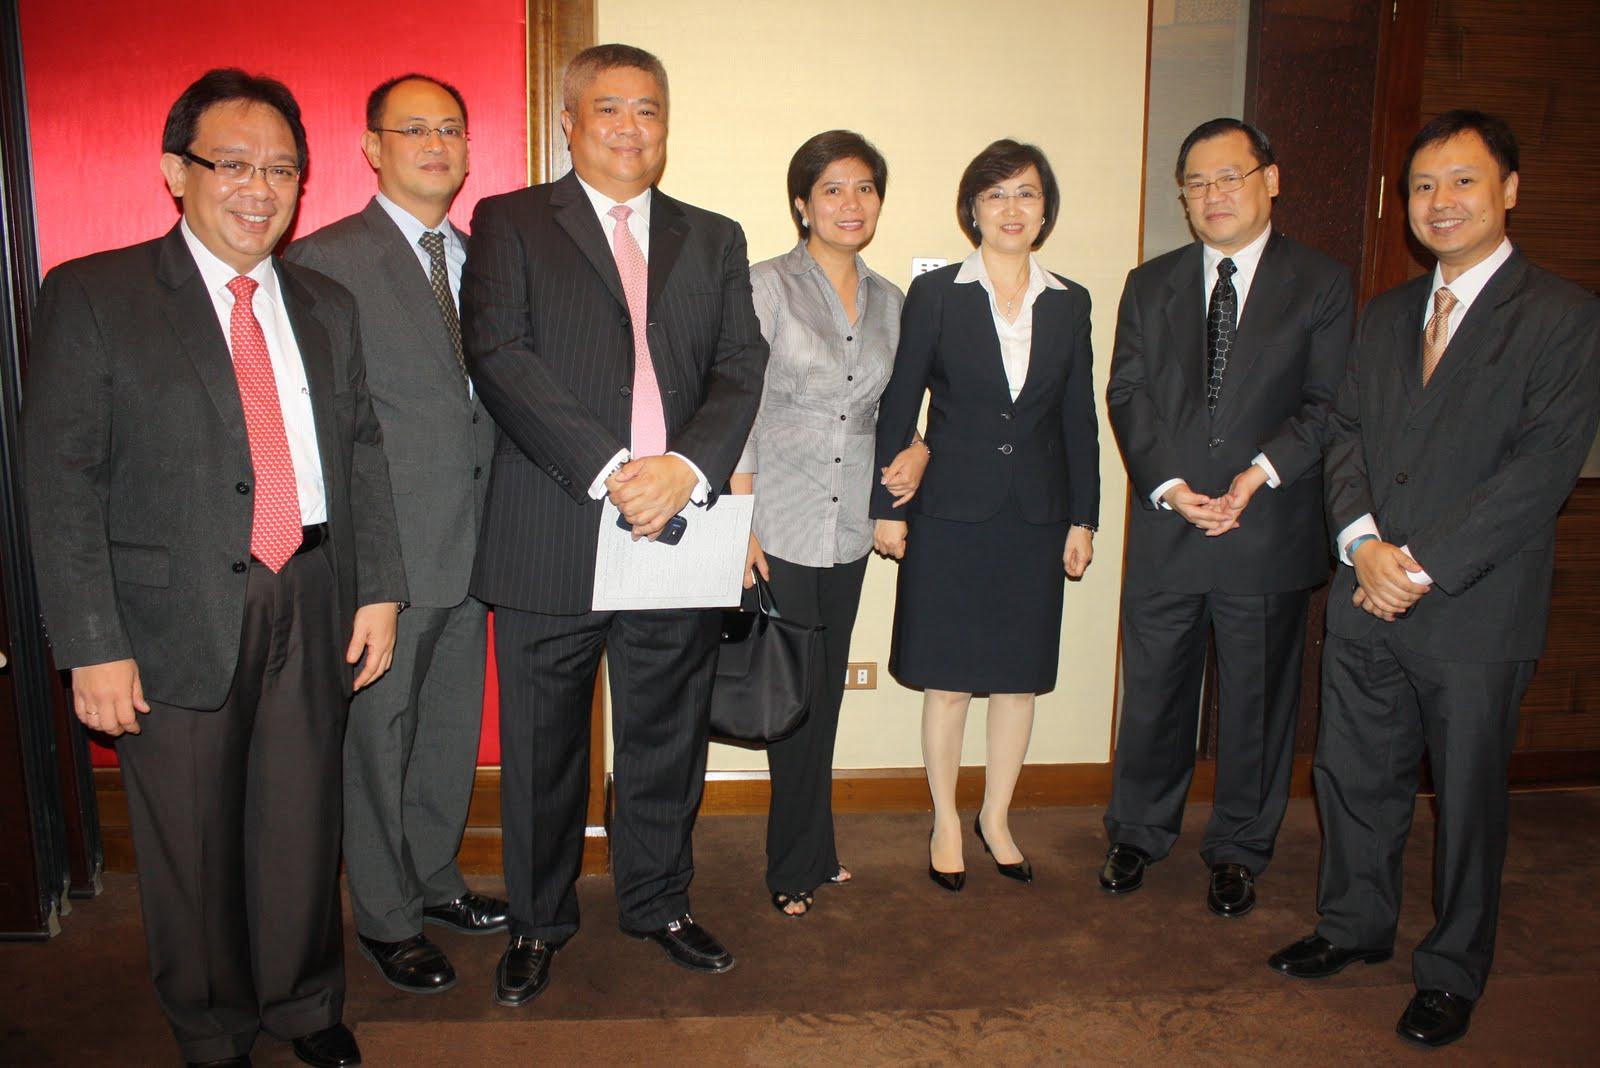 MART Induction - March 16, 2011 (Mabuhay Palace, Manila Hotel)